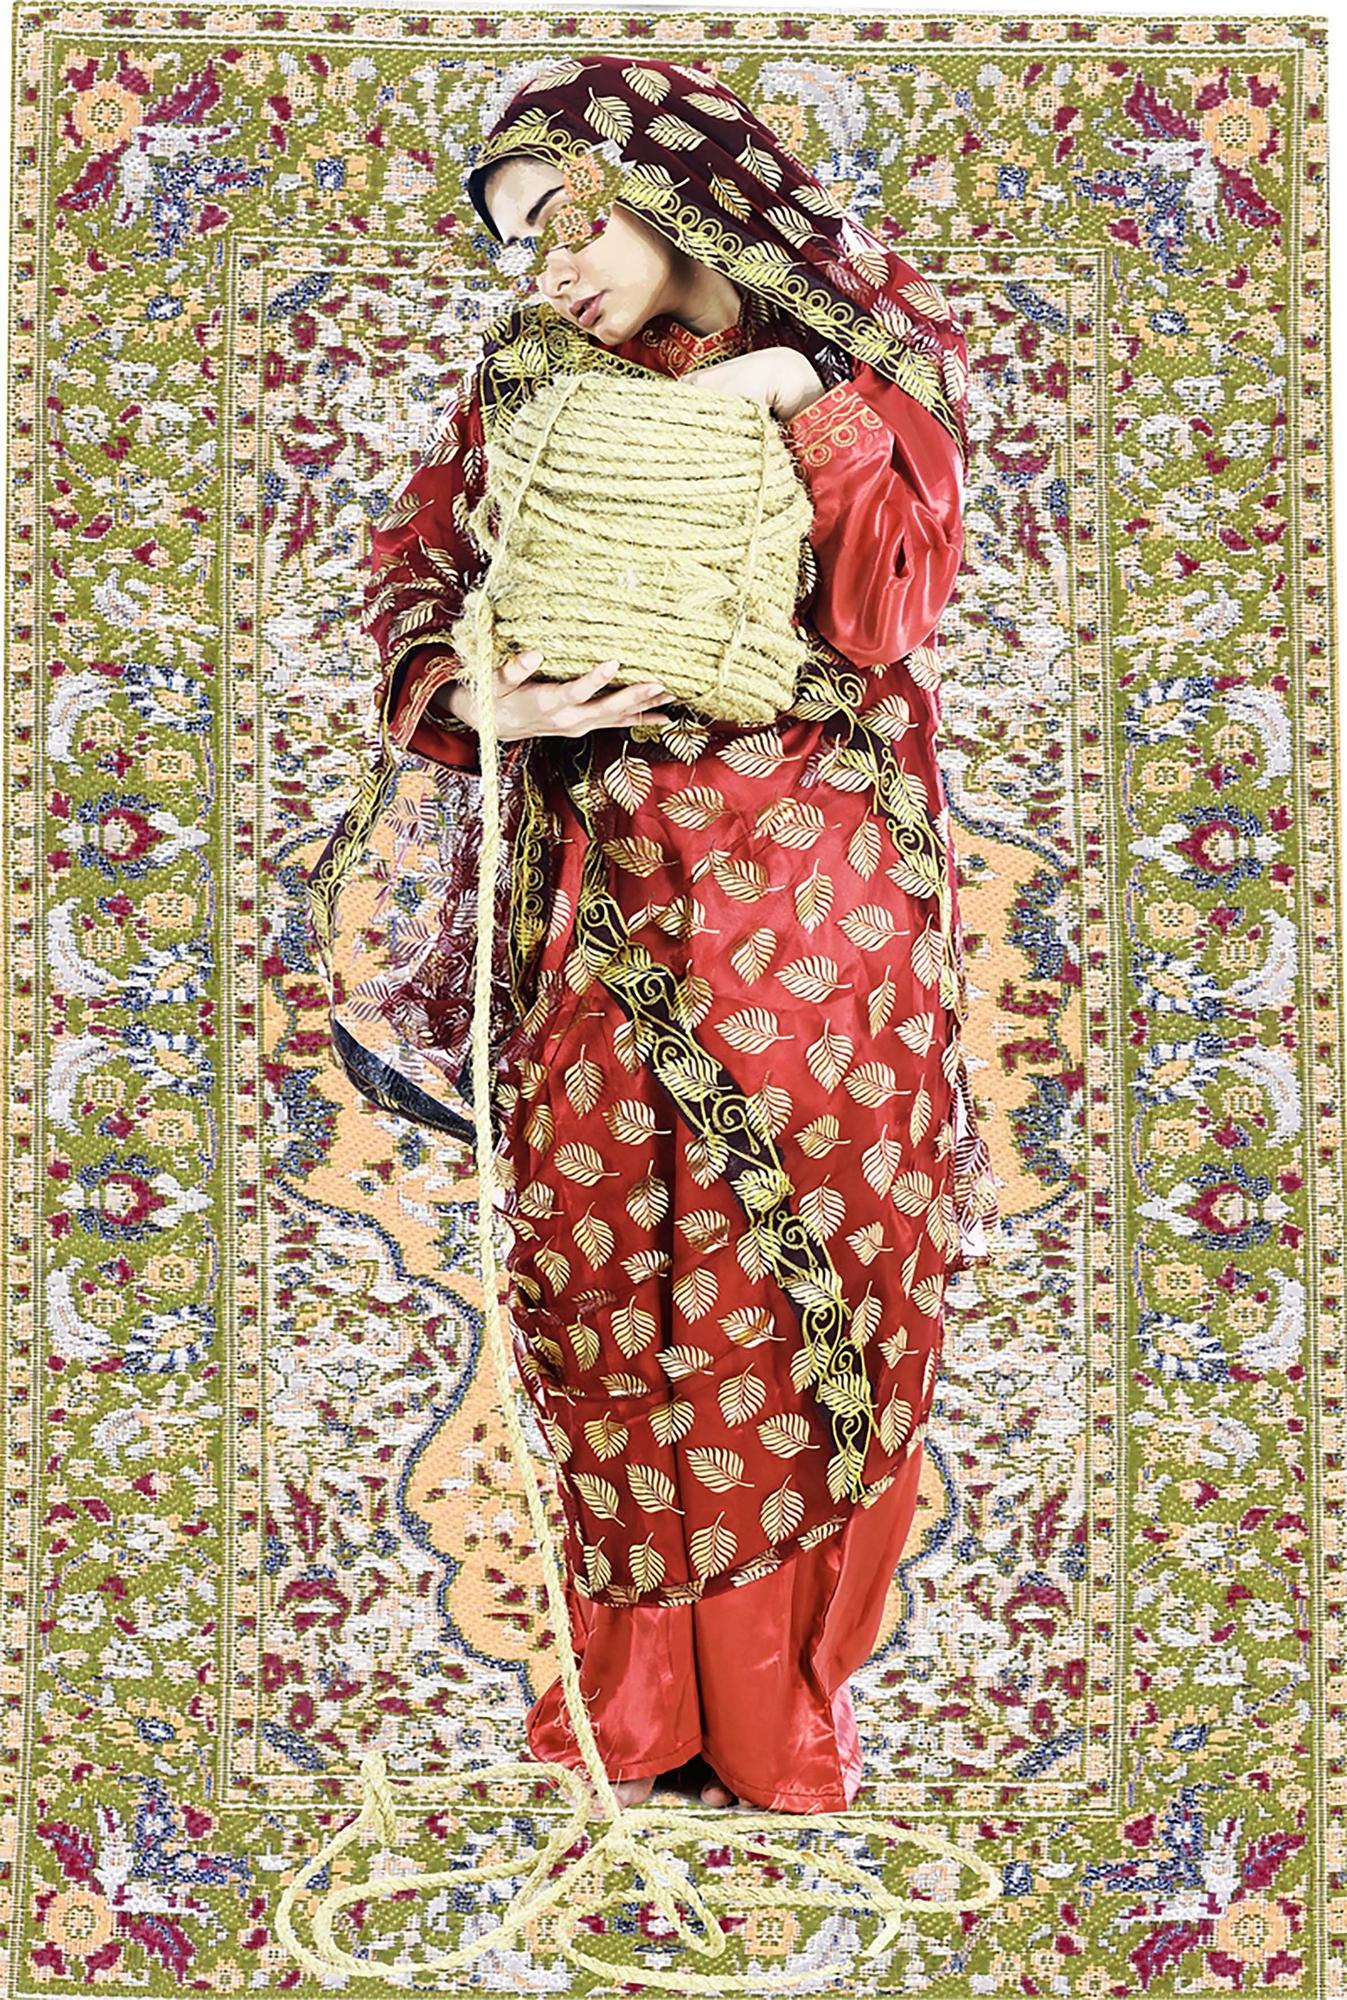 Fatimah Al Nemer